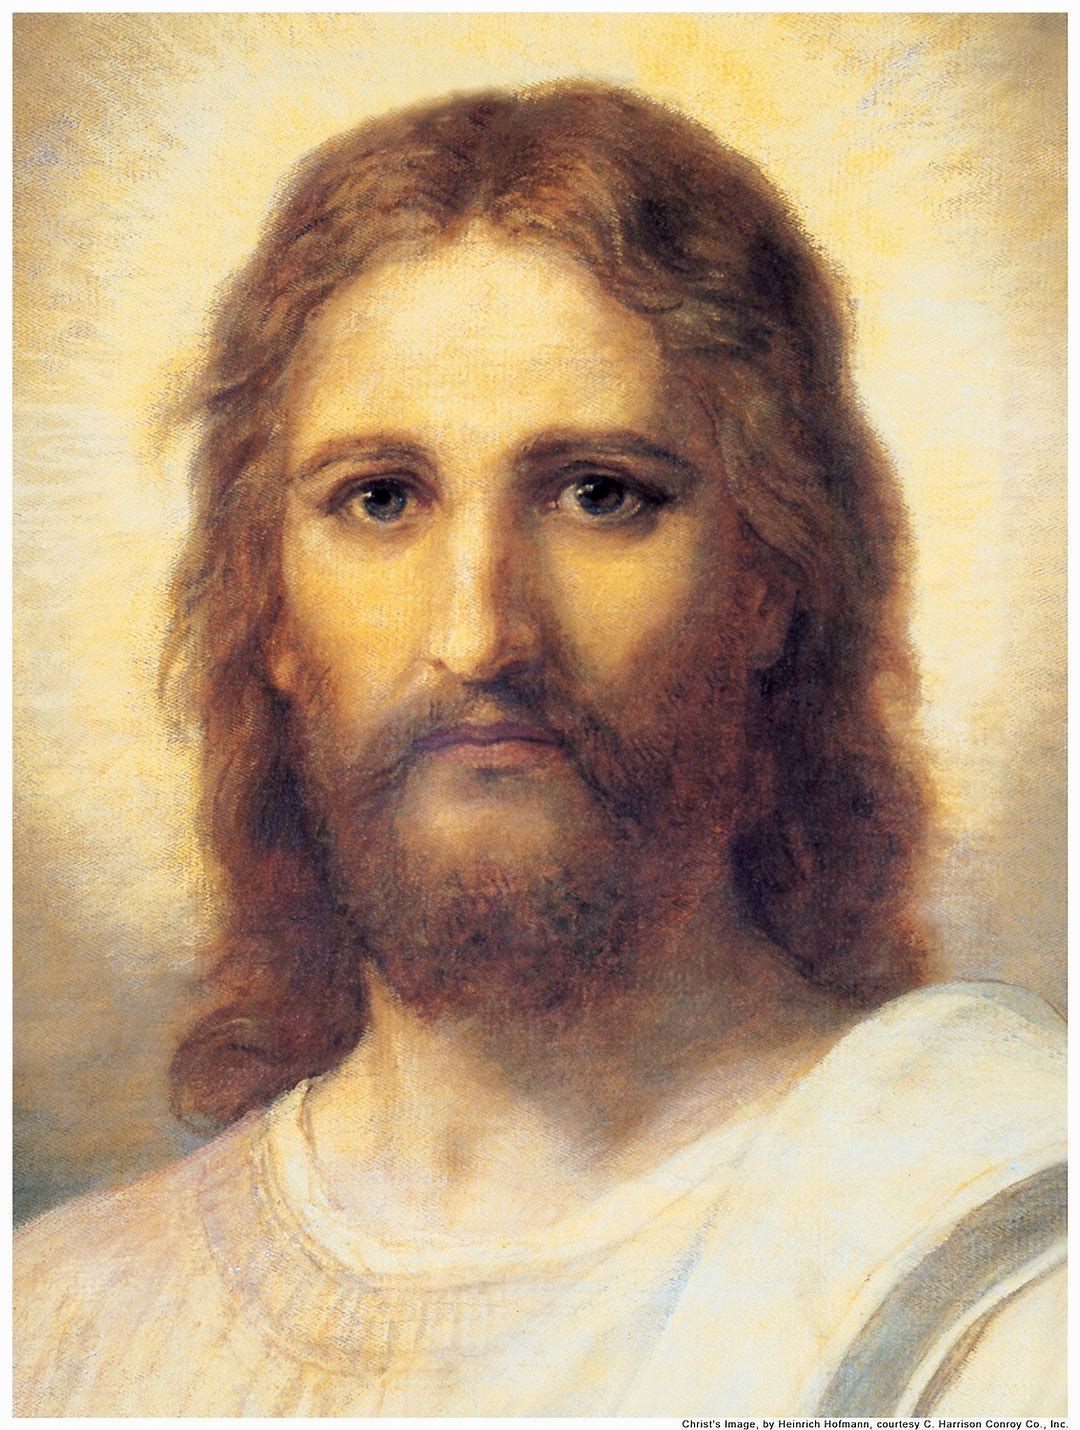 Heinrich Hofmann Portrait of Christ Vintage Lithograph Art Print